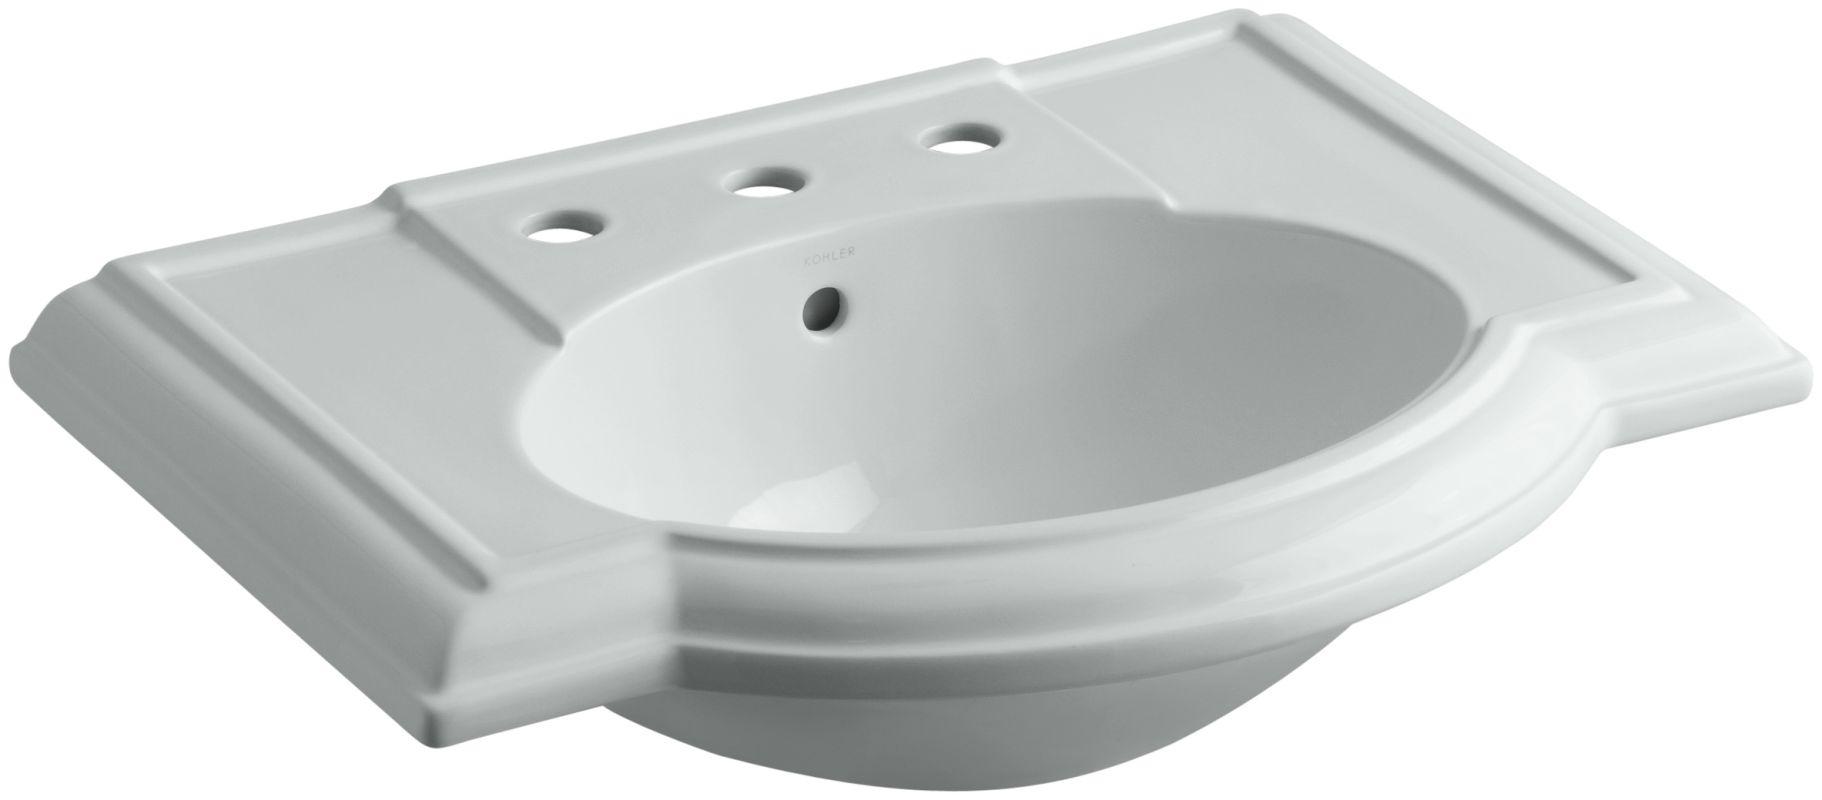 Kohler Pedestal Sink Faucets Kohler Pedestal Tub 100